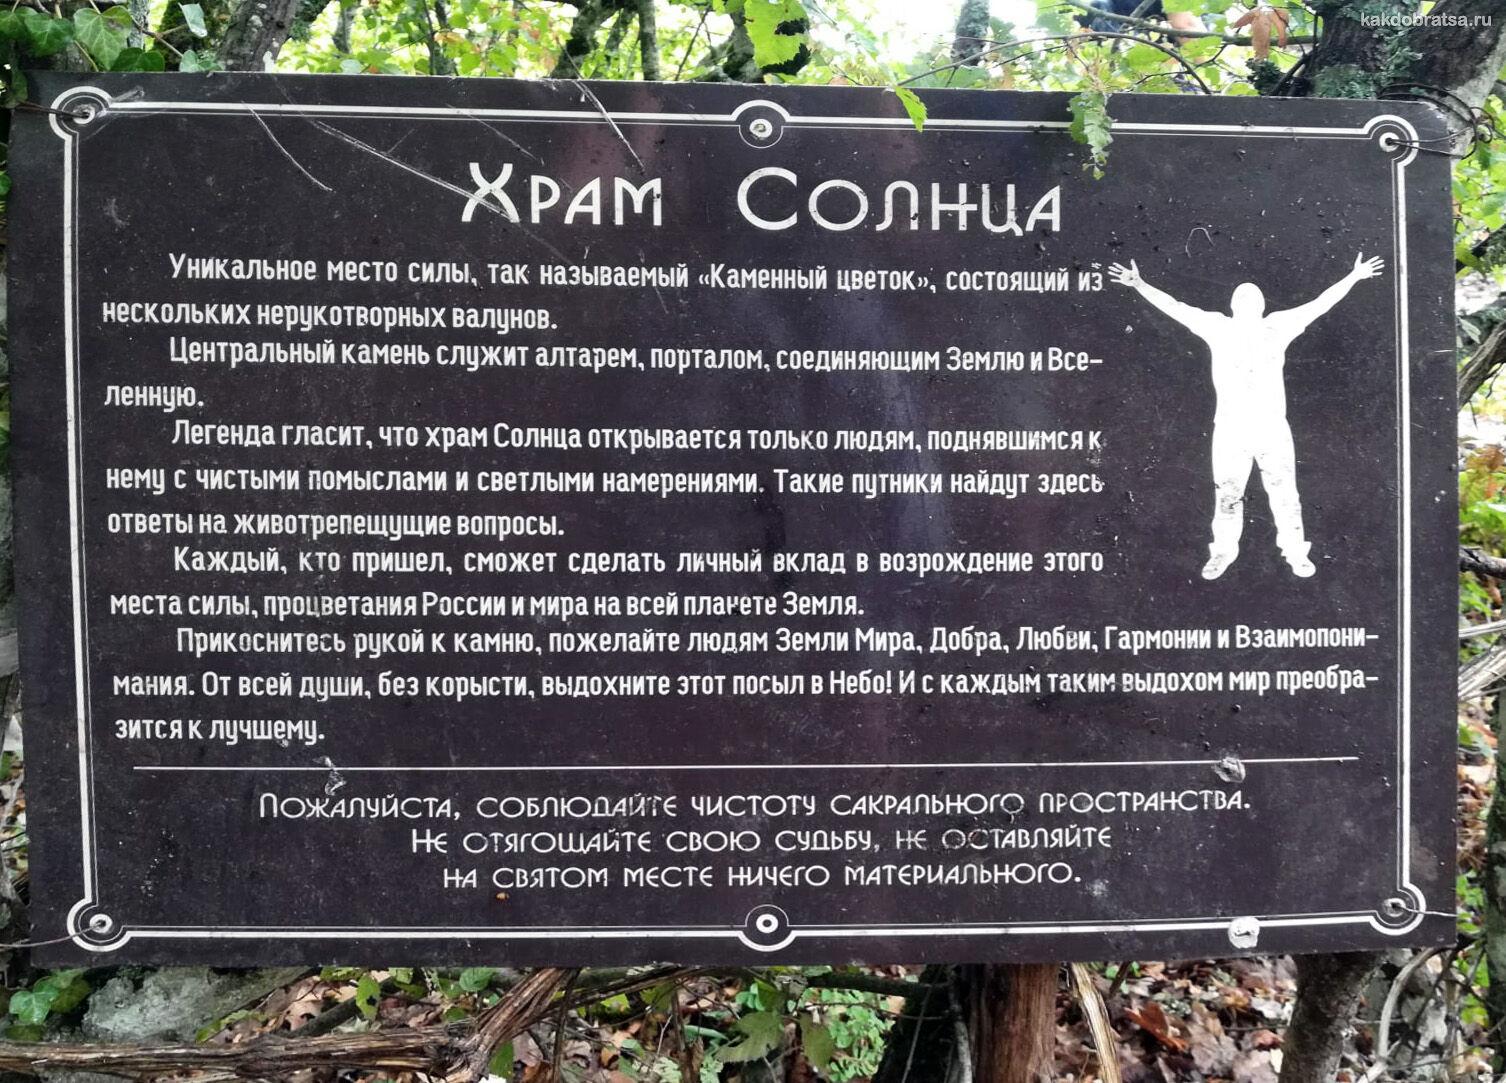 Храм Солнца - достопримечательность в Крыму